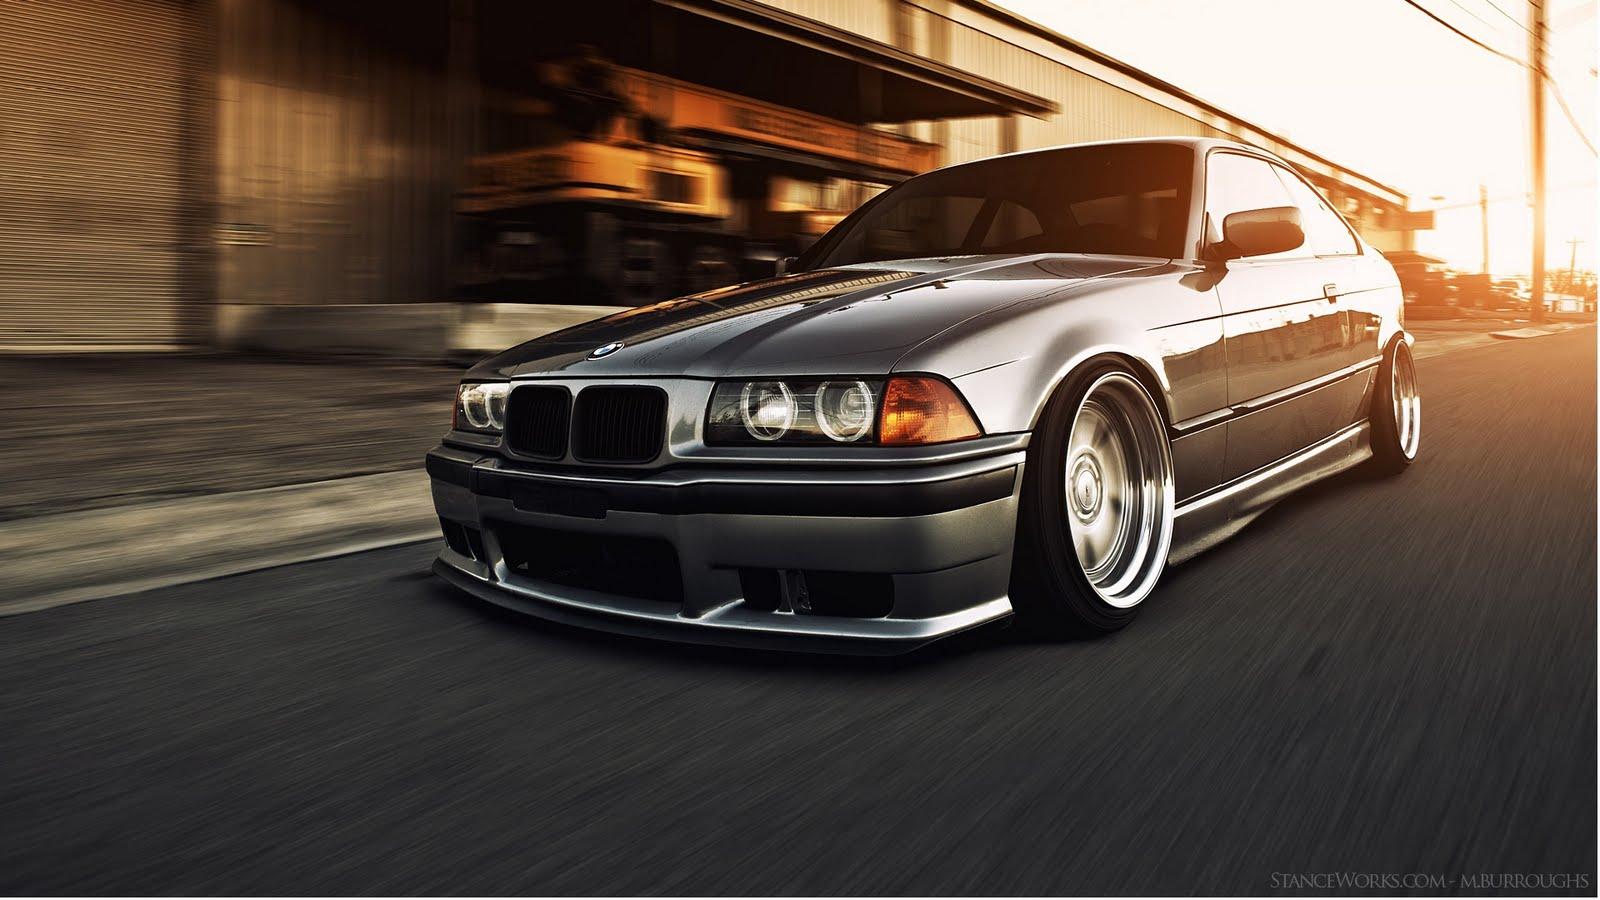 Classic BMW Wallpaper - WallpaperSafari